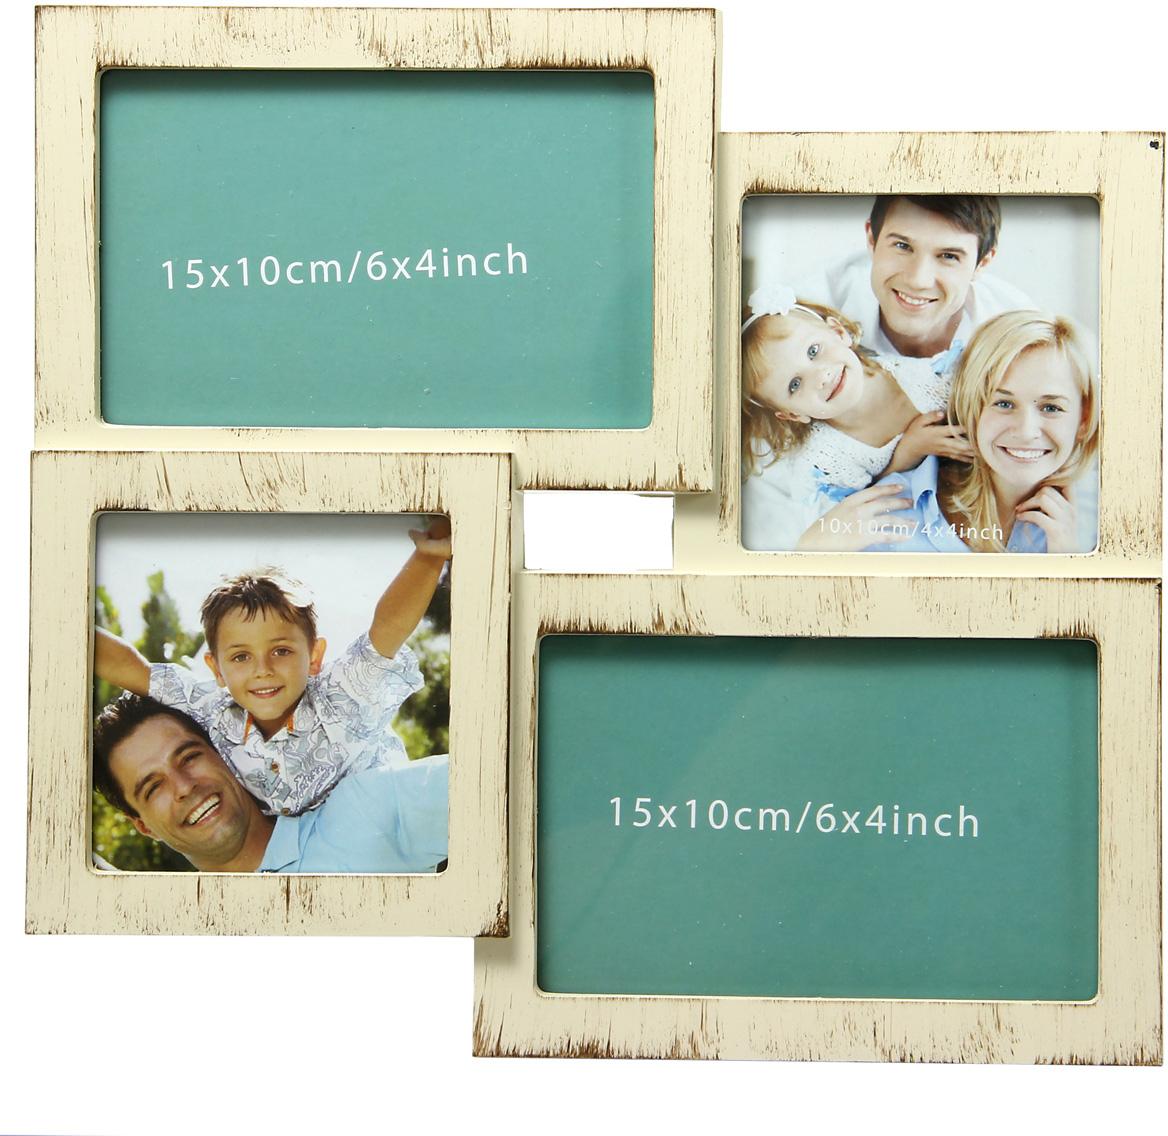 Фоторамка украсит интерьер помещения оригинальным образом и позволит сохранить на память изображения дорогих вам людей и интересных событий вашей жизни. Фоторамка-коллаж представляет собой 4 фоторамки для фото оригинально соединенных между собой.  Фоторамка подходит для 2 фотографий 10 х 15 см и 2 фотографий 10 х 10 см.